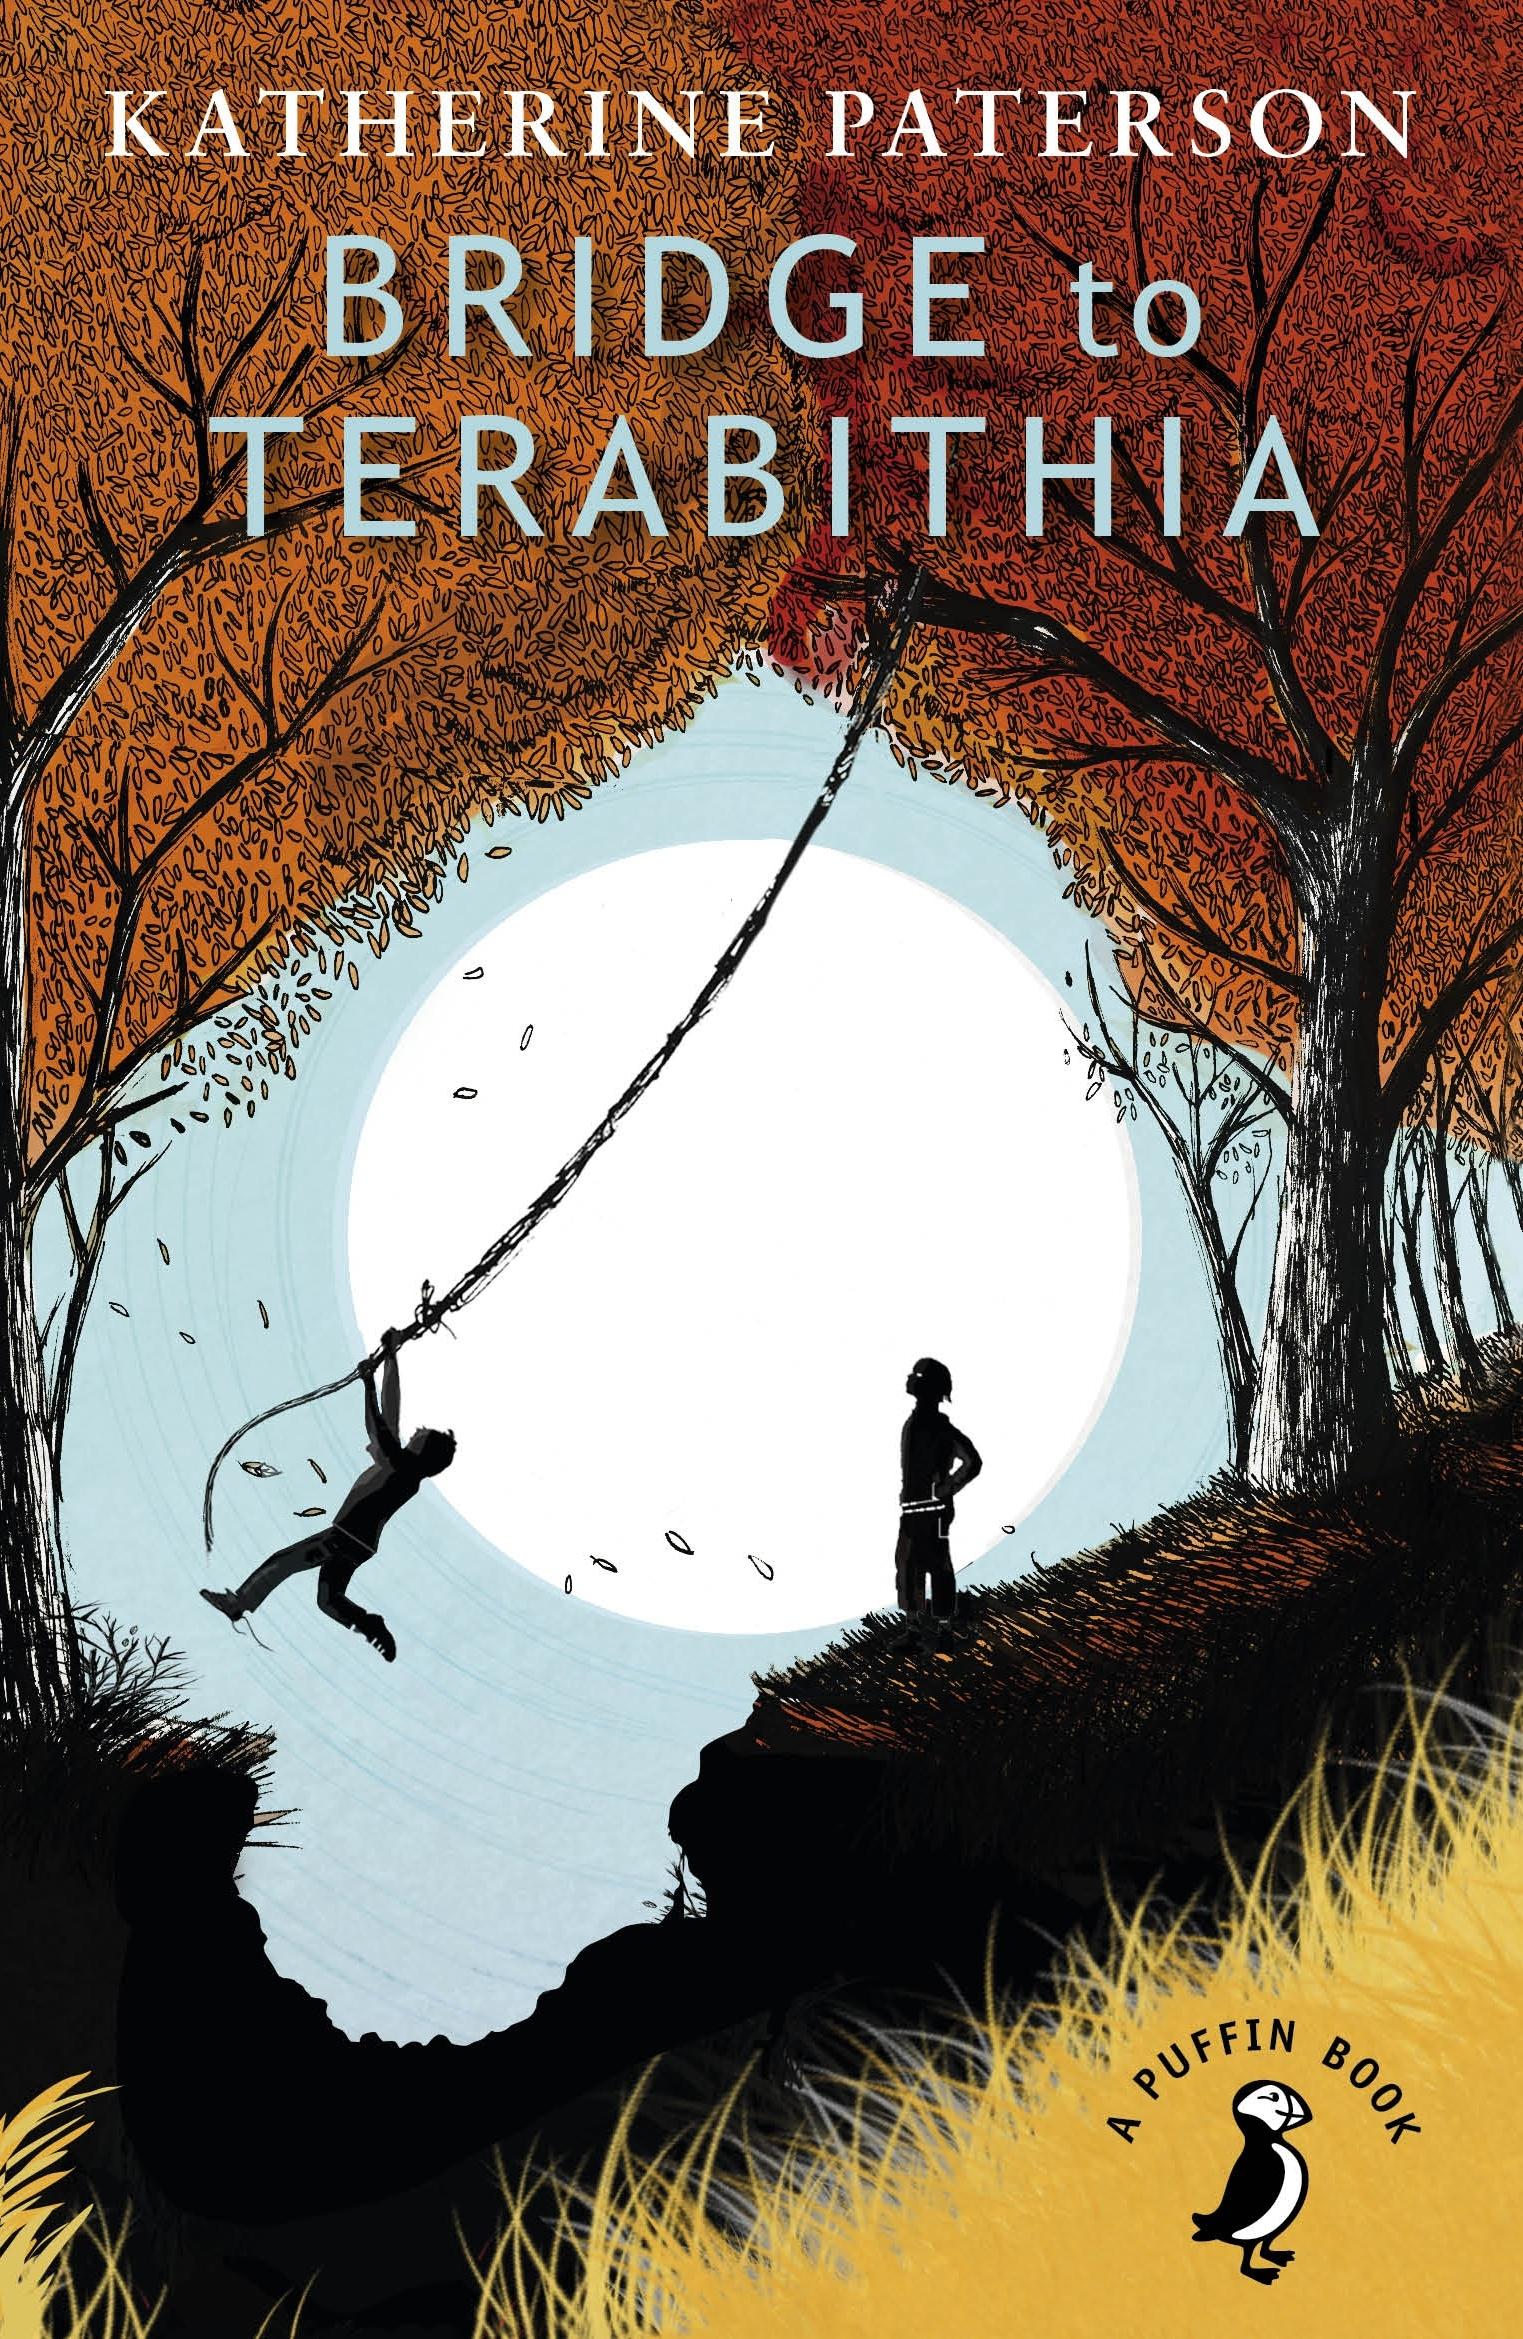 Bridge to Terabithia by Katherine Paterson - Penguin Books Australia